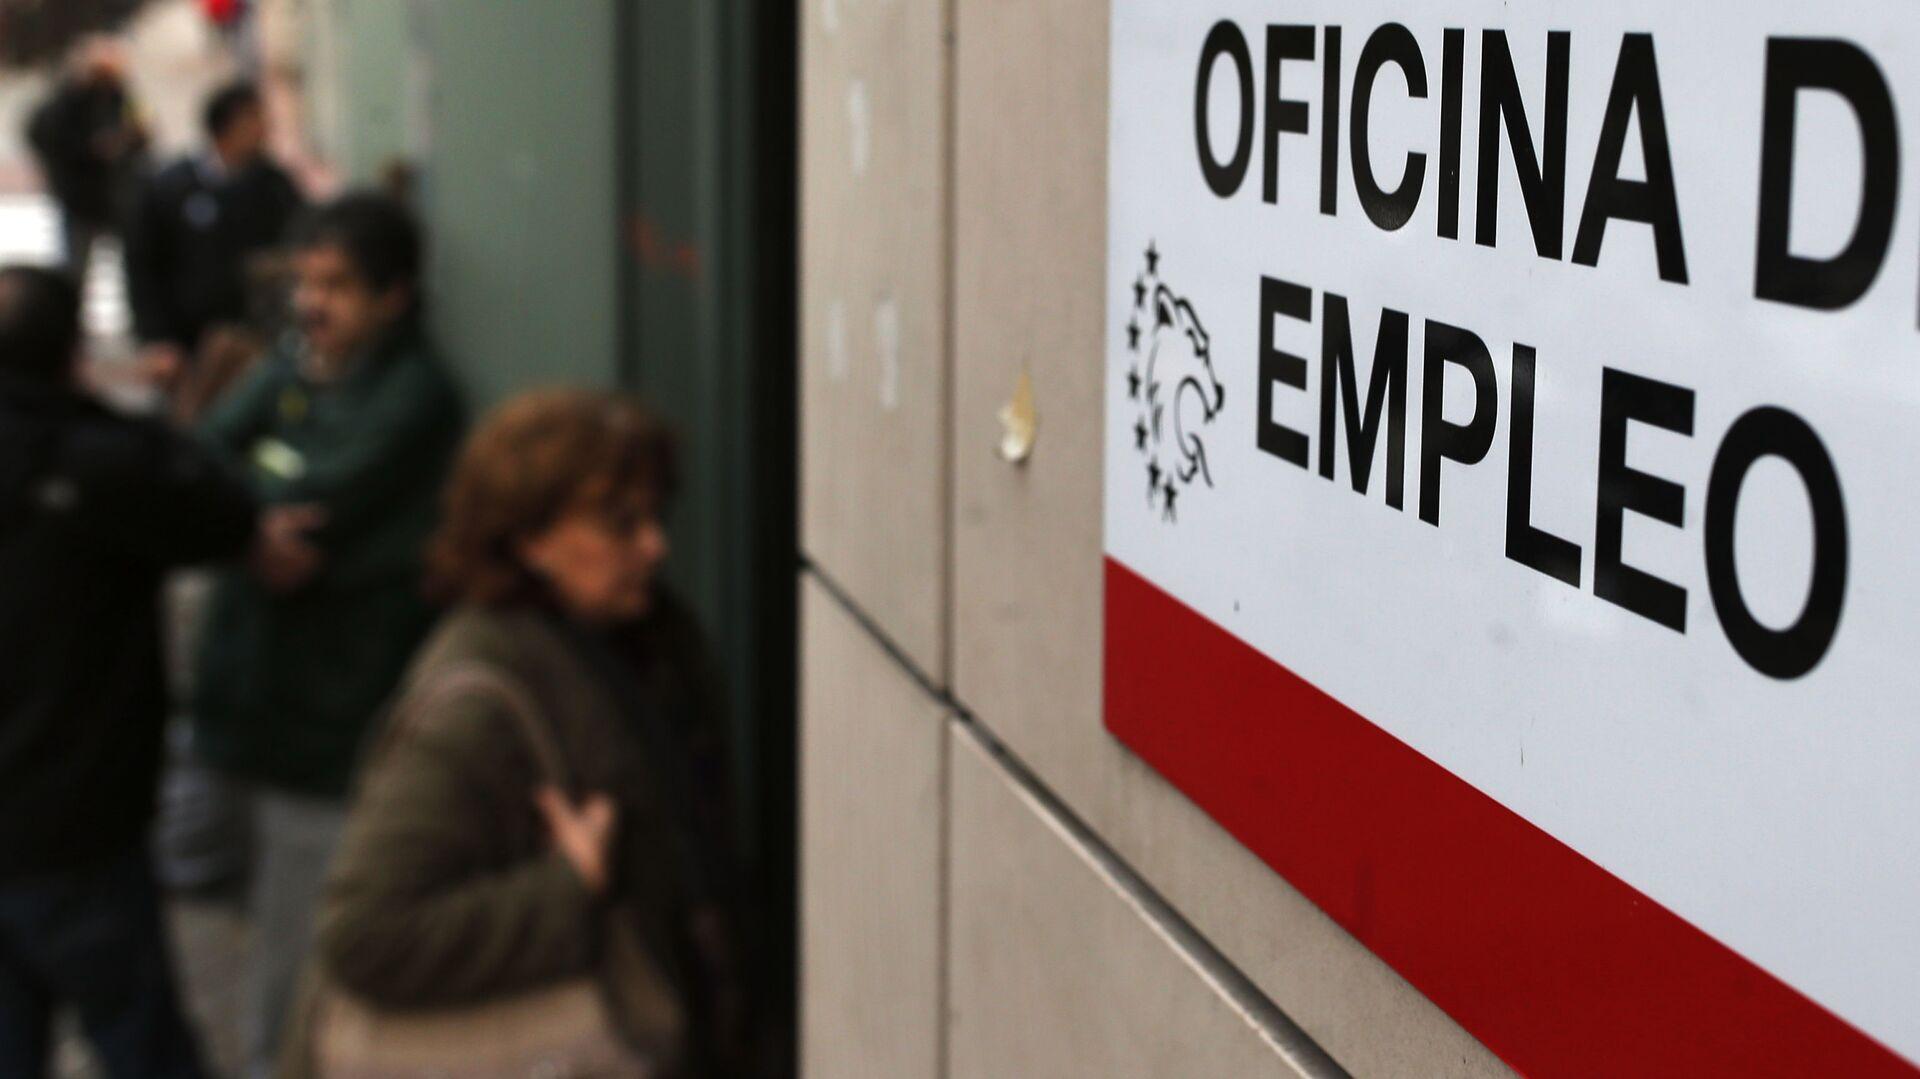 Imagen referencial de una oficina de empleo en Madrid - Sputnik Mundo, 1920, 03.08.2021